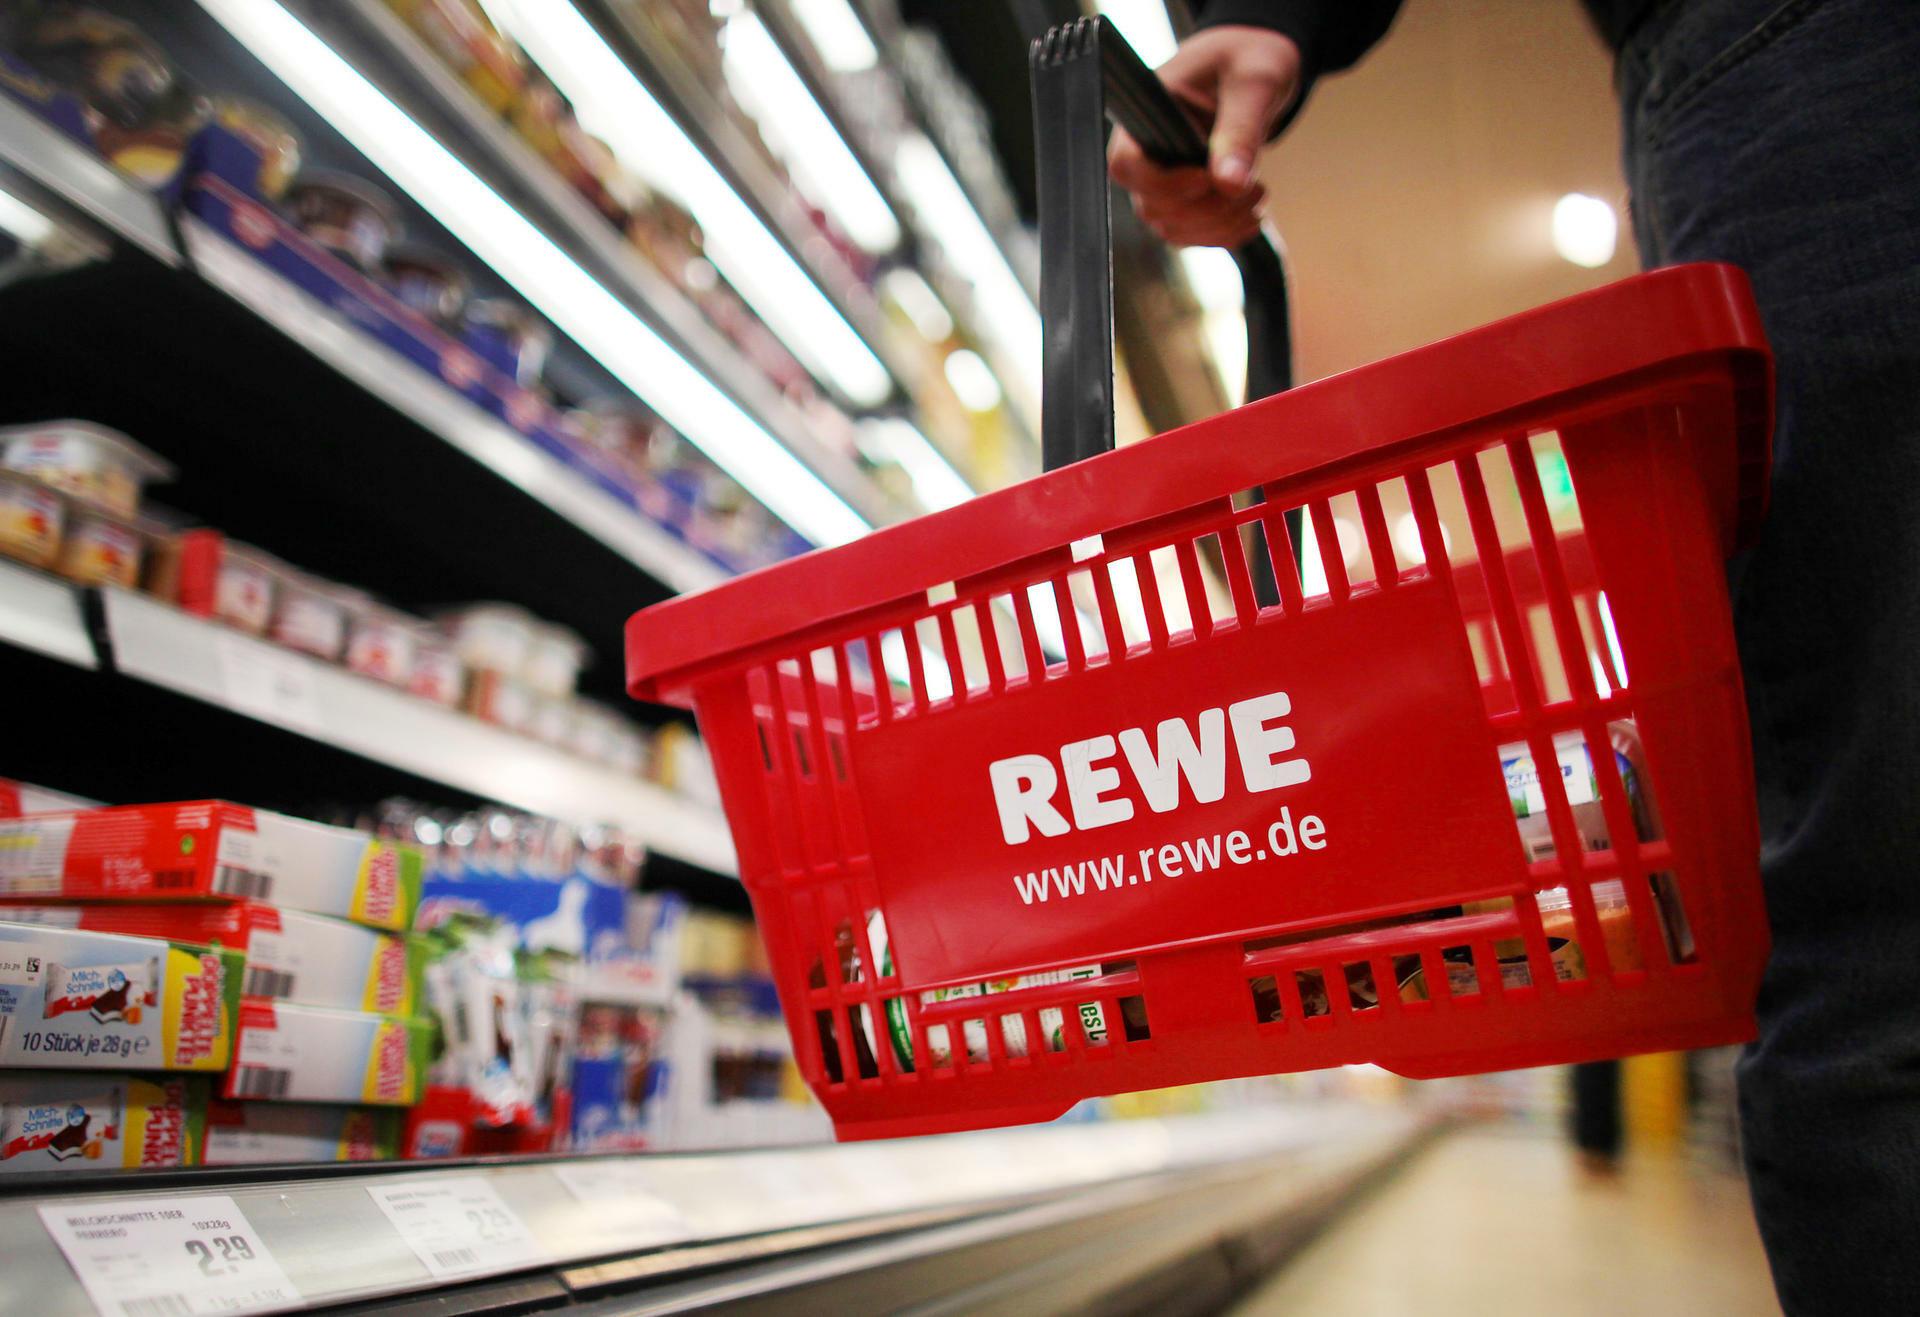 Rewe Setzt Auf Neues Marktkonzept Der Abstand Zum Discount Muss Wieder Grosser Werden